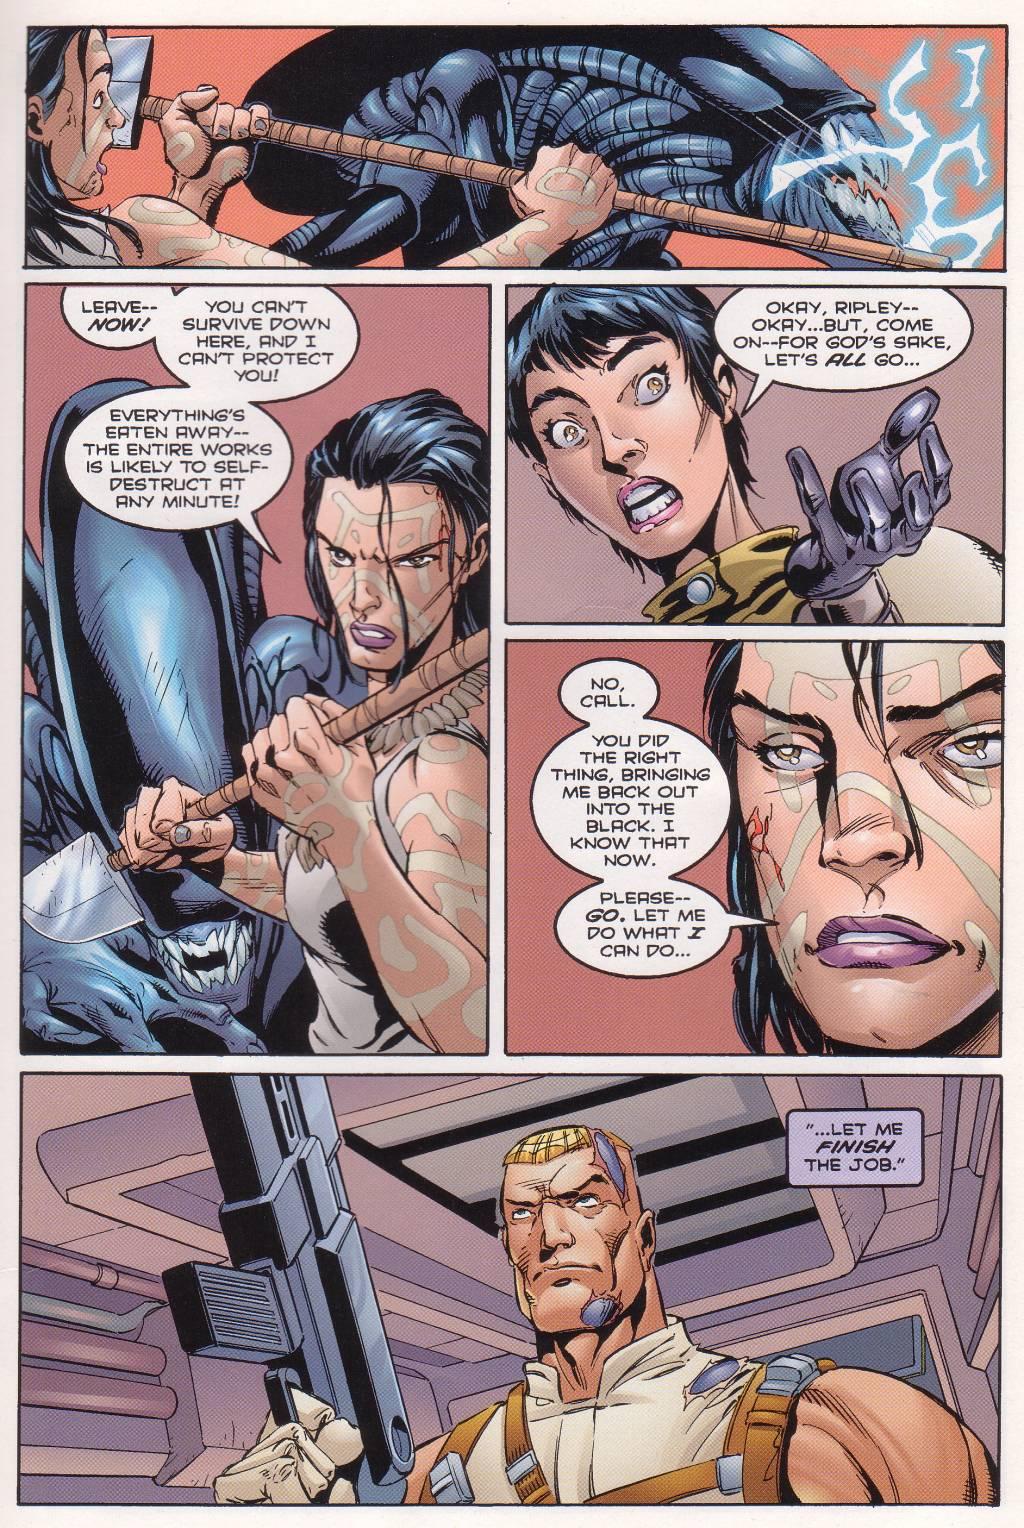 Бэтмен против Чужого?! Безумные комикс-кроссоверы сксеноморфами | Канобу - Изображение 26